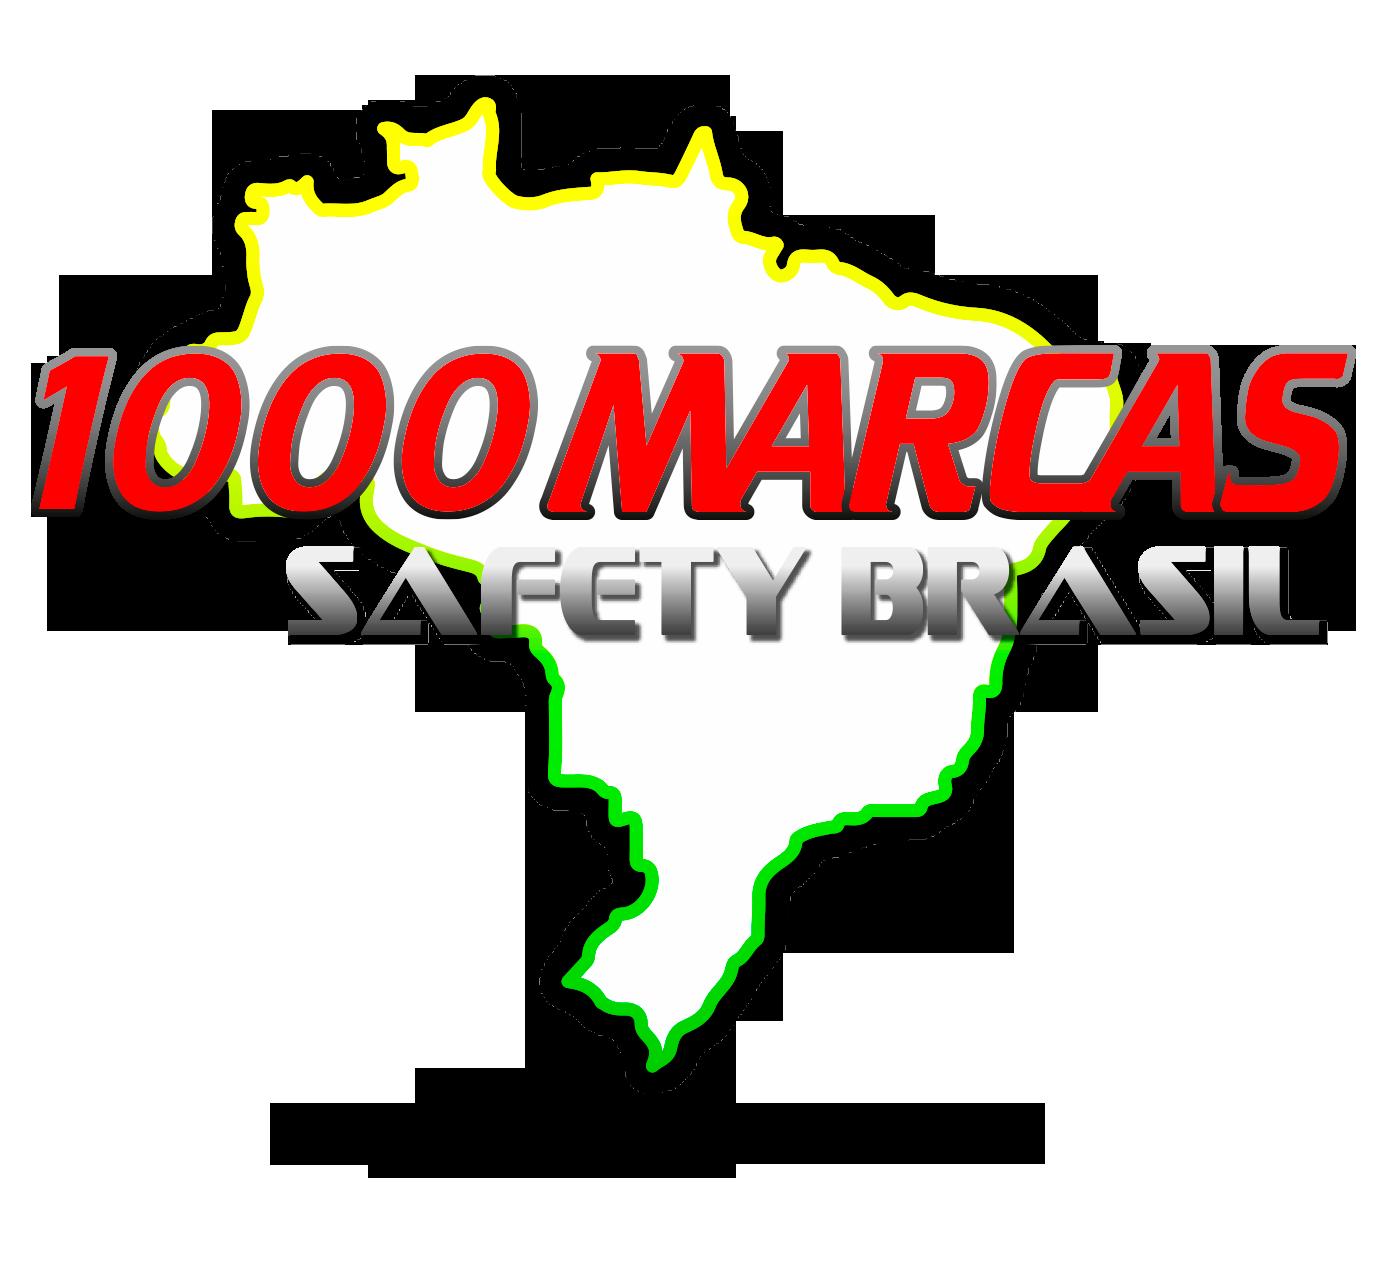 logo-1000-marcas-inovacao.png 8dbcb2e1ef